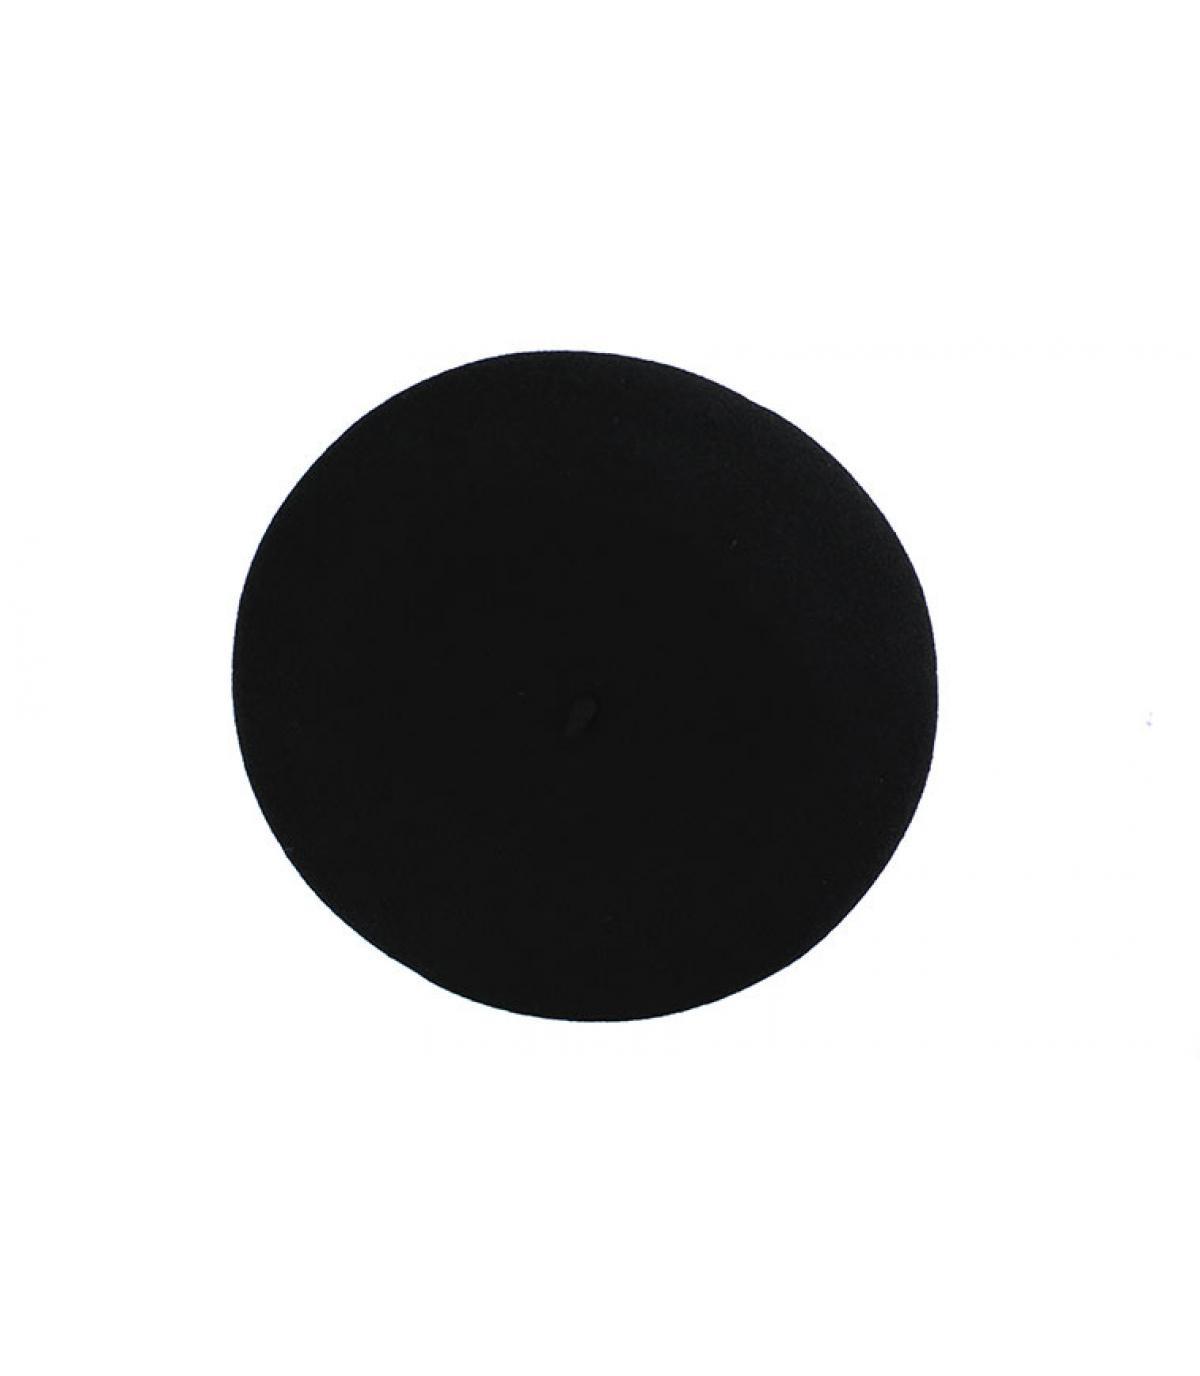 Détails Beret français Pedrito noir - image 2